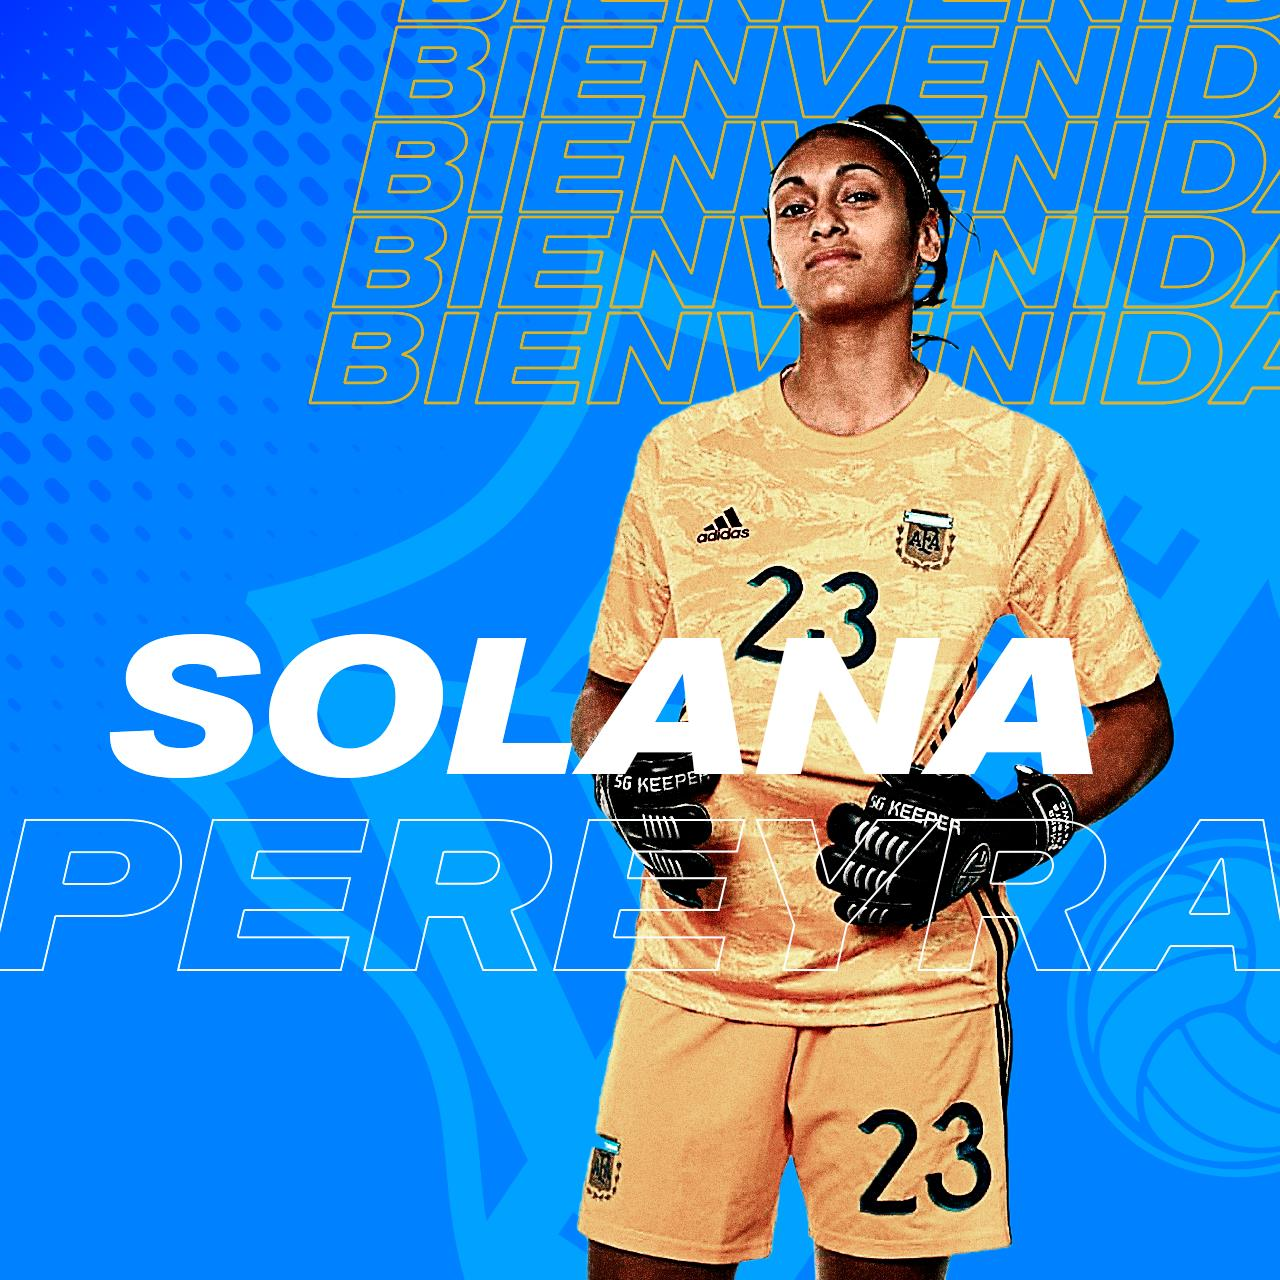 Bienvenida Solana Pereyra.